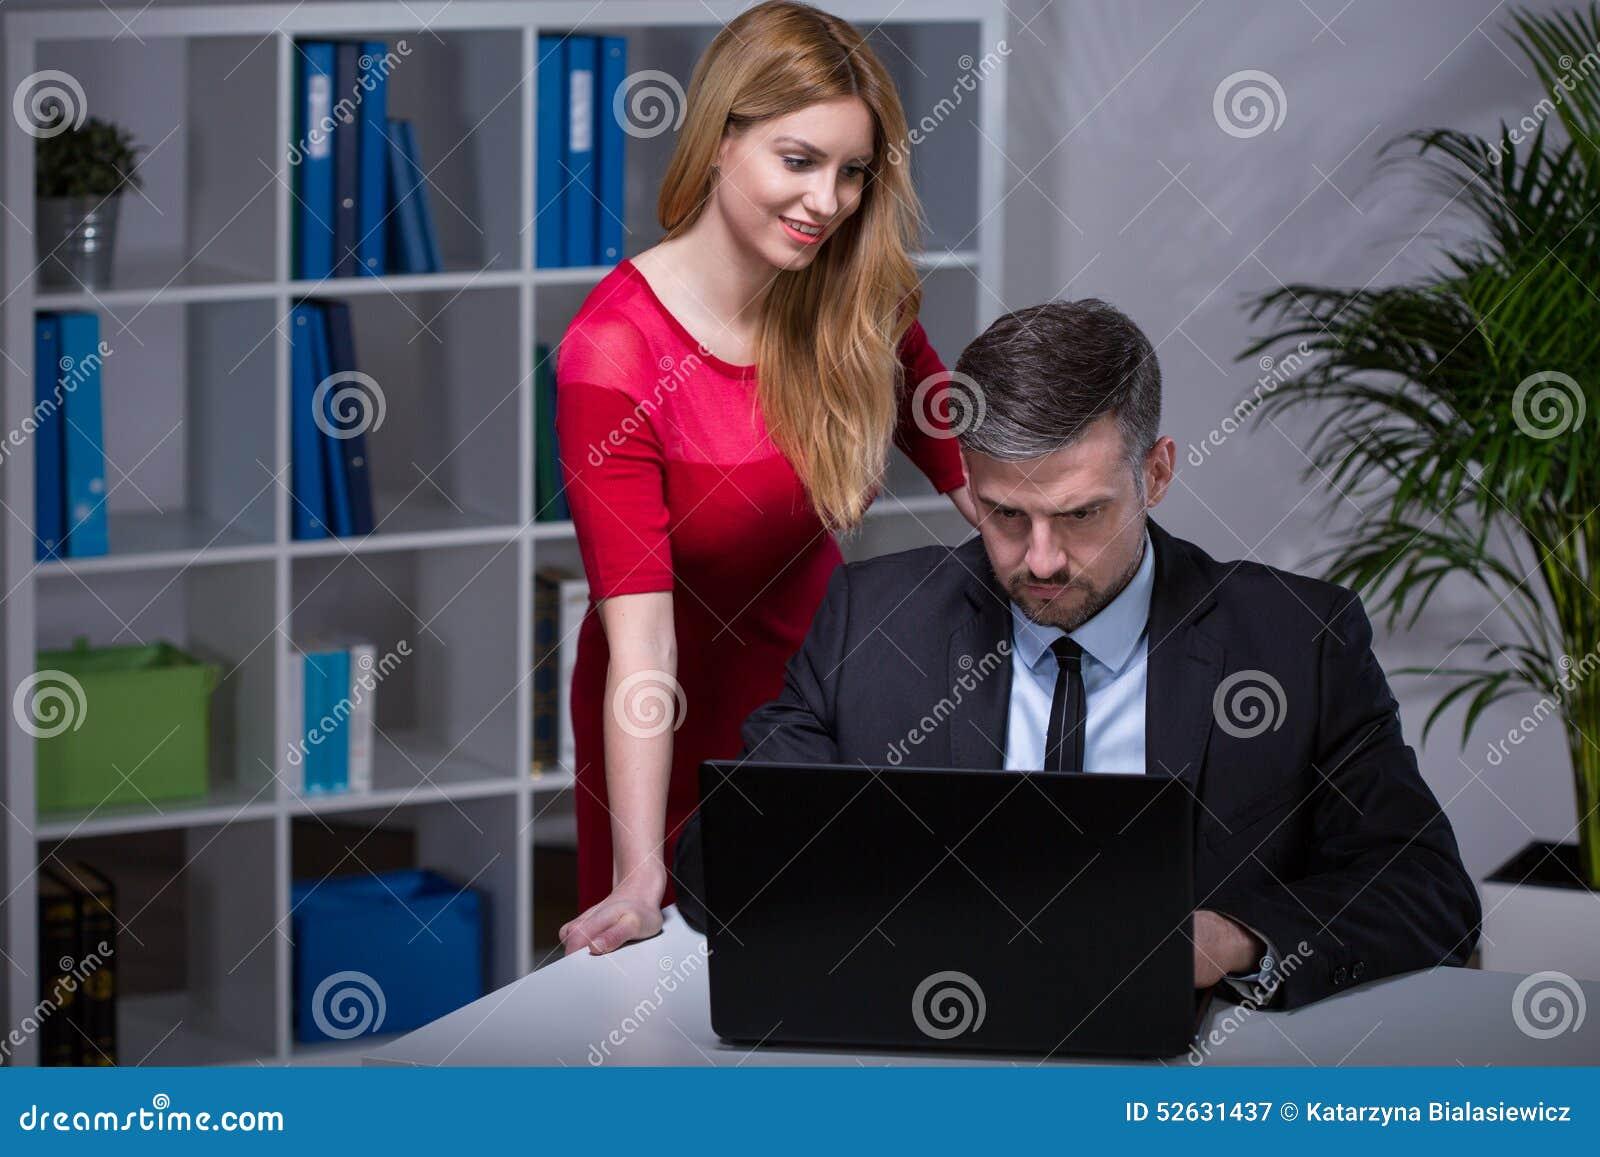 Mein Chef flirtet mit mir - so verhalten Sie sich richtig